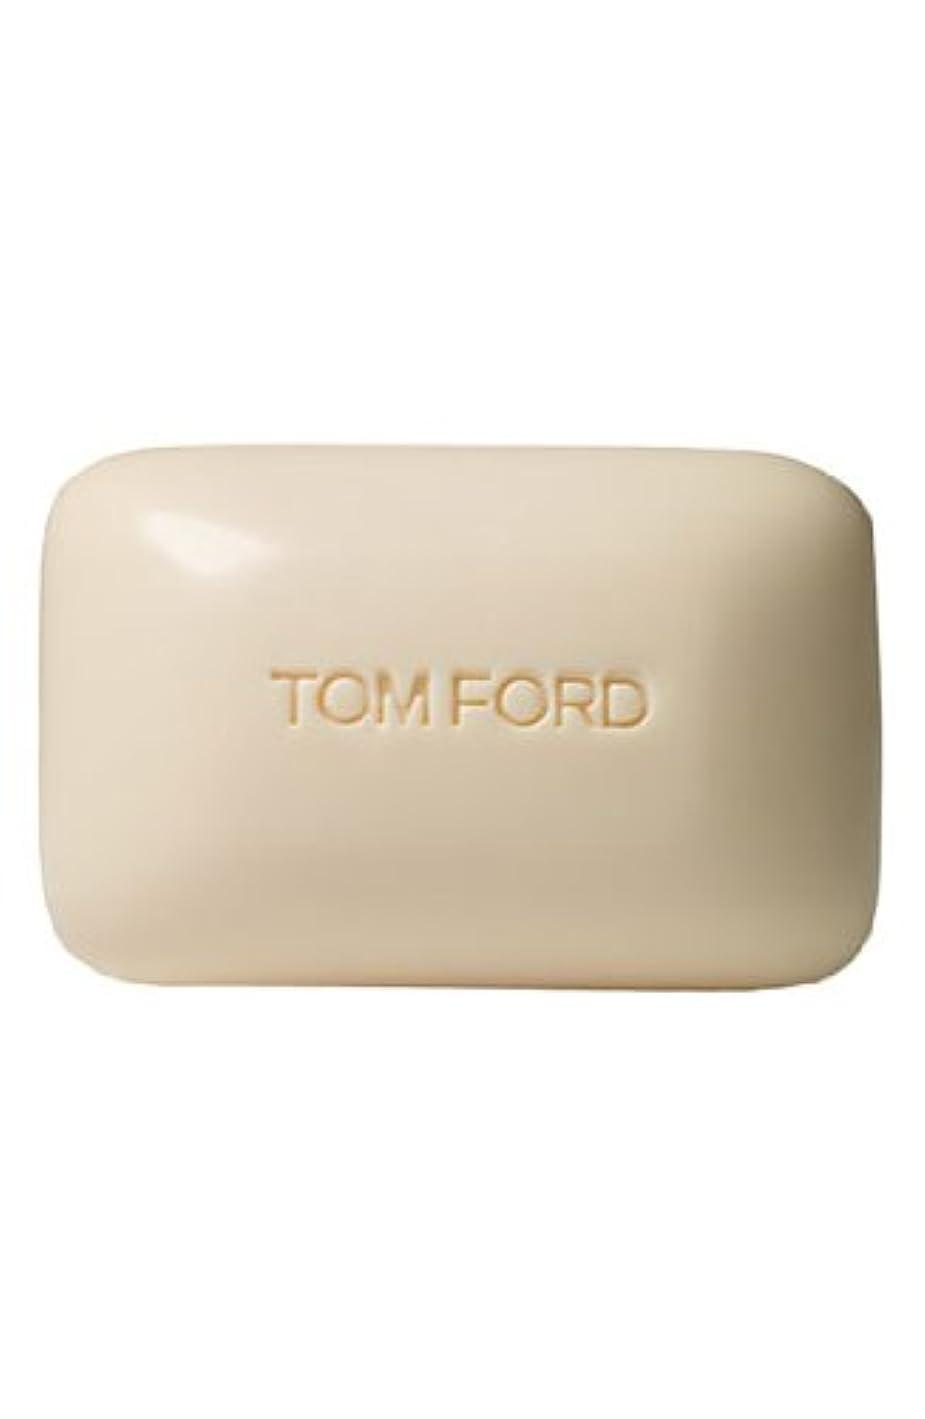 しかしながら打倒殺しますTom Ford Private Blend 'Neroli Portofino' (トムフォード プライベートブレンド ネロリポートフィーノ) 5.5 oz (165ml) Bar Soap (固形石鹸)